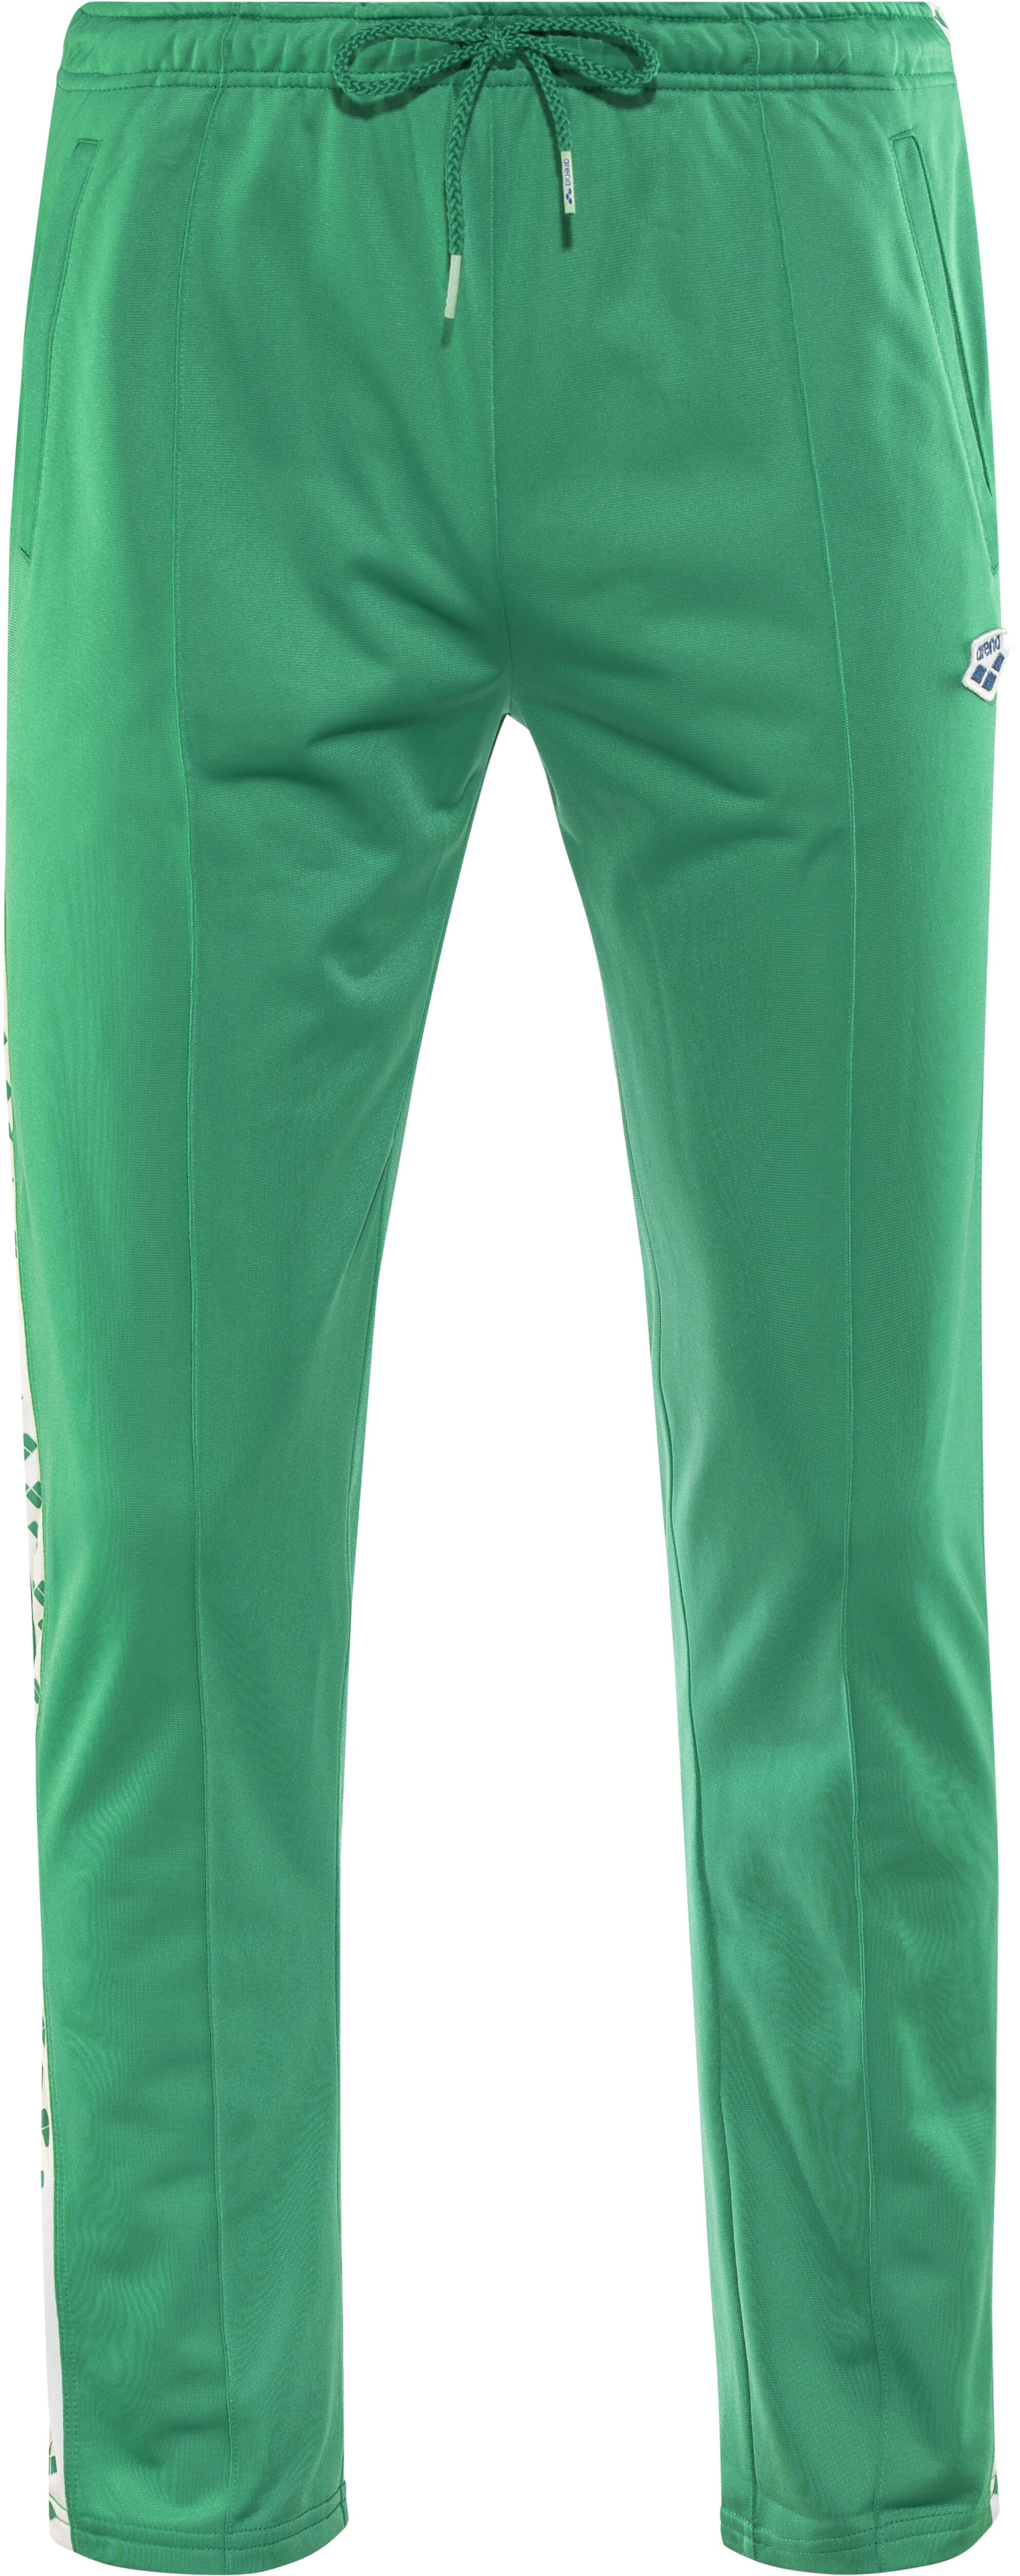 d481cea0bf arena Relax IV Team Spodnie Mężczyźni zielony